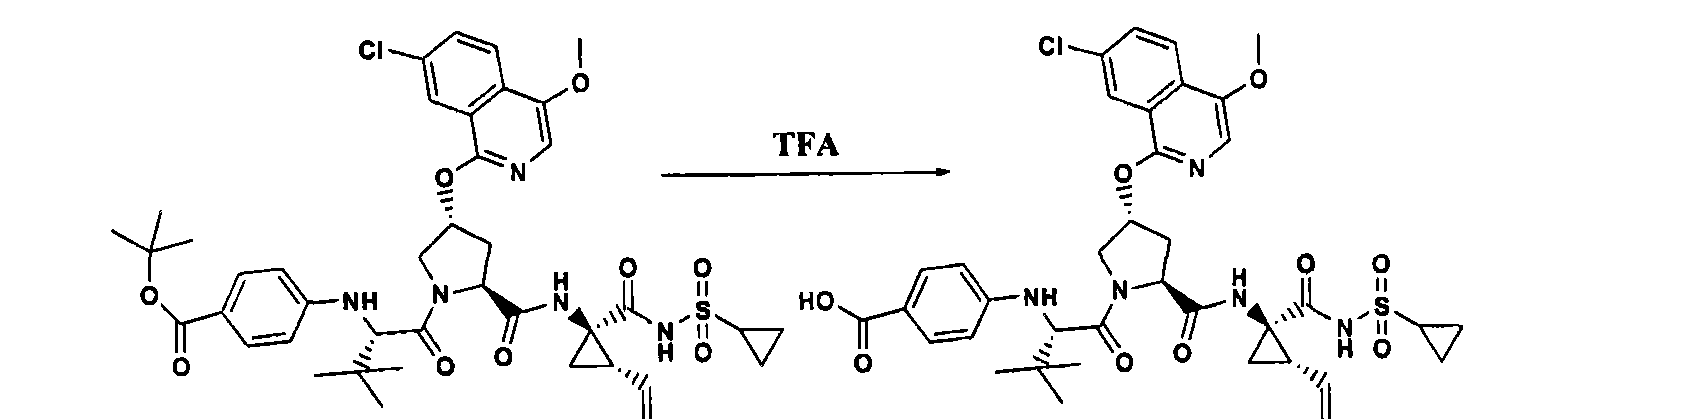 Figure CN101541784BD01332